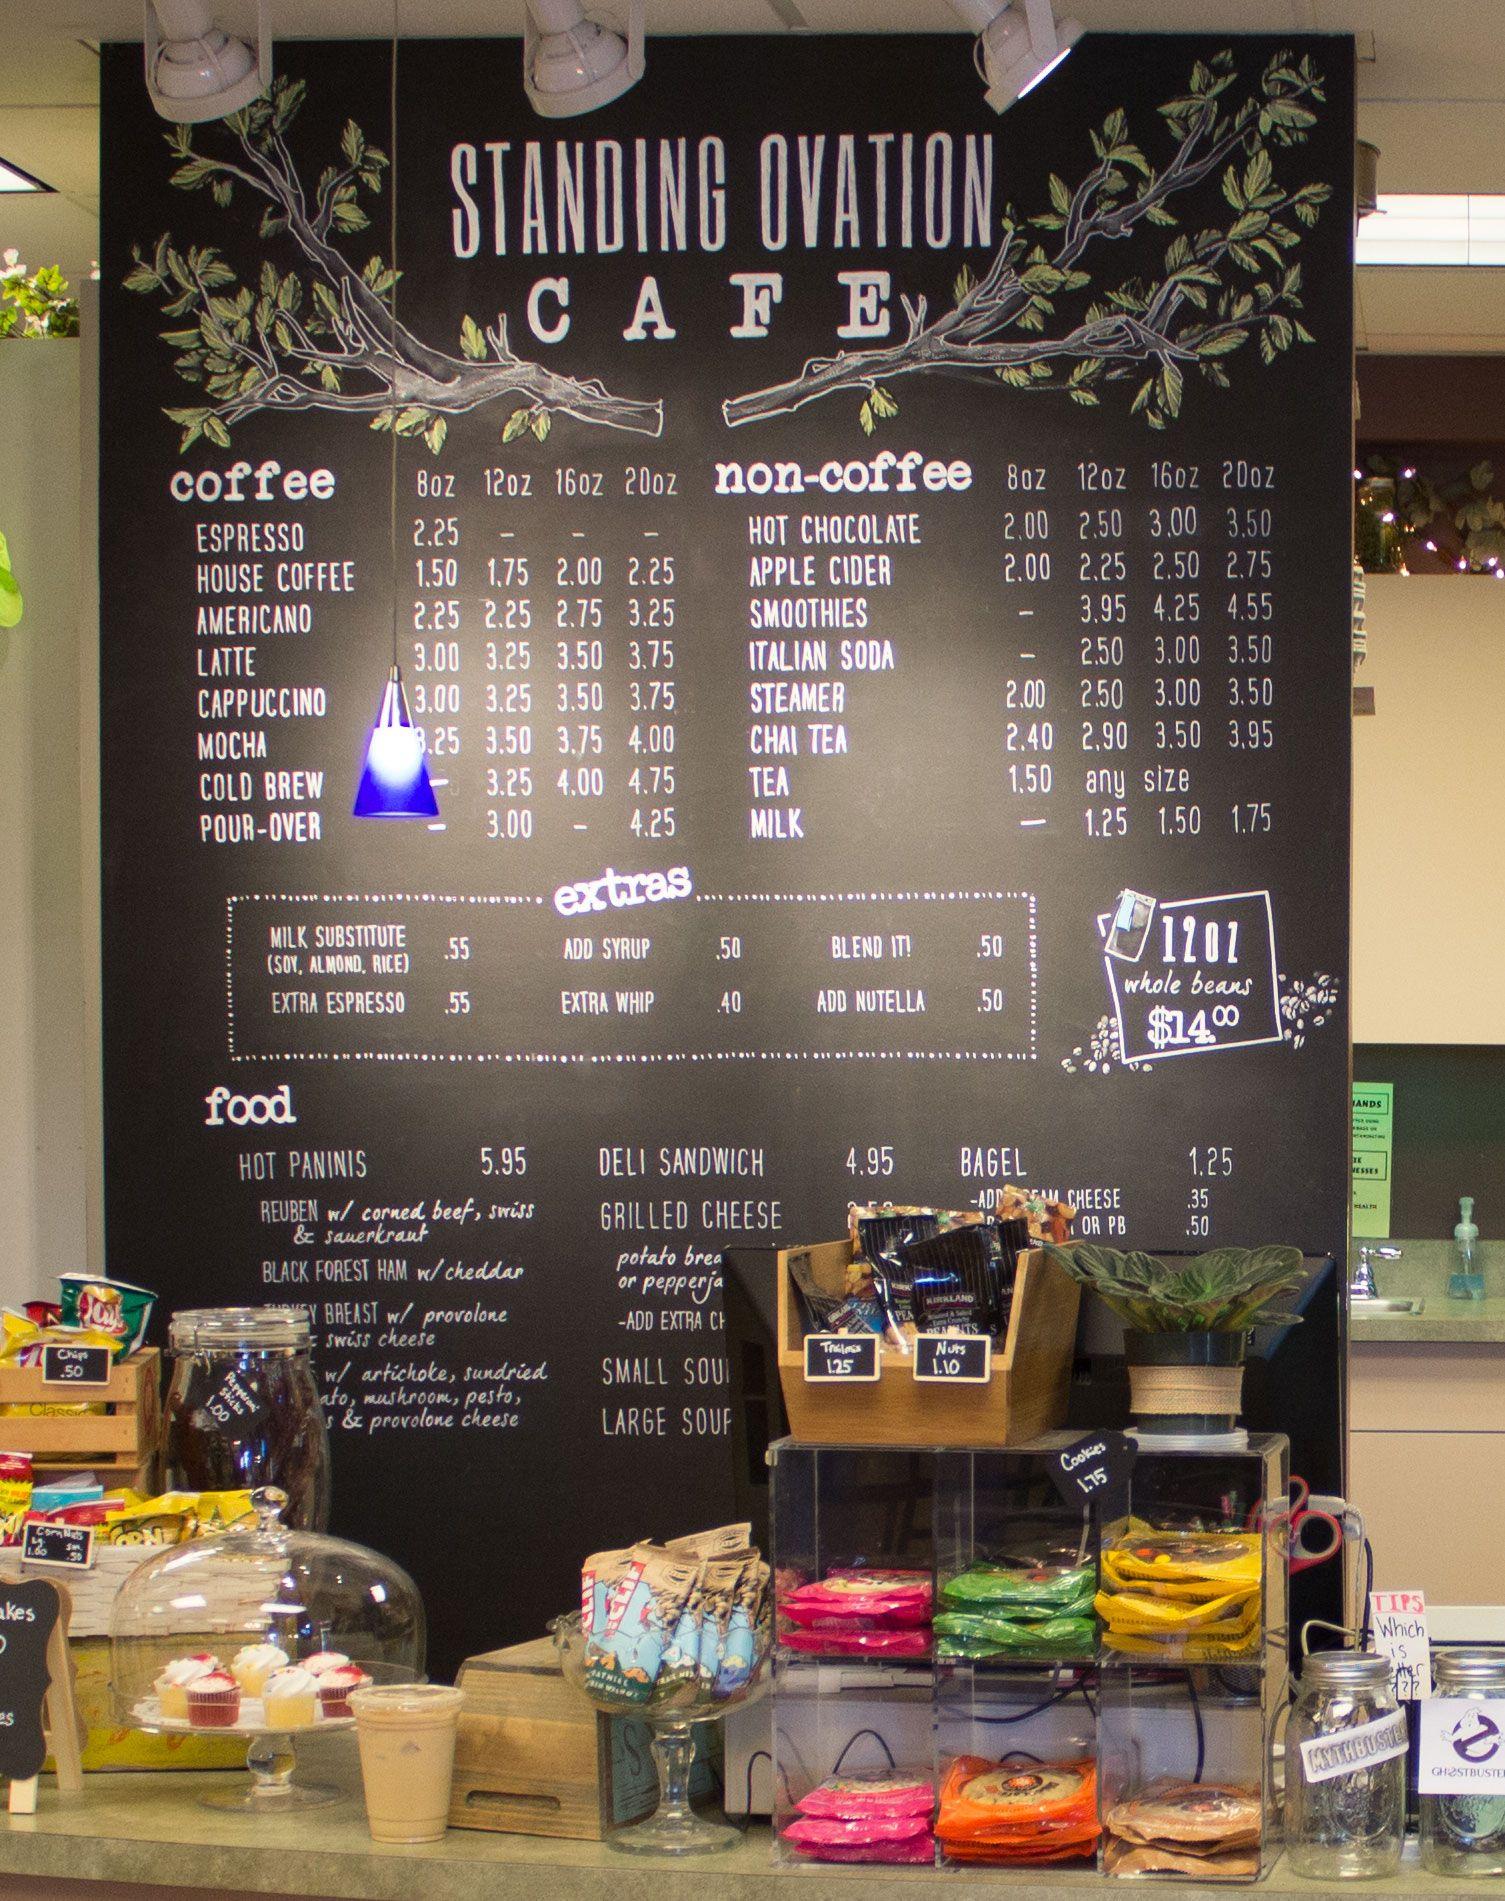 Our Cafe Menu Written In Chalk Pen On A Chalkboard Wall